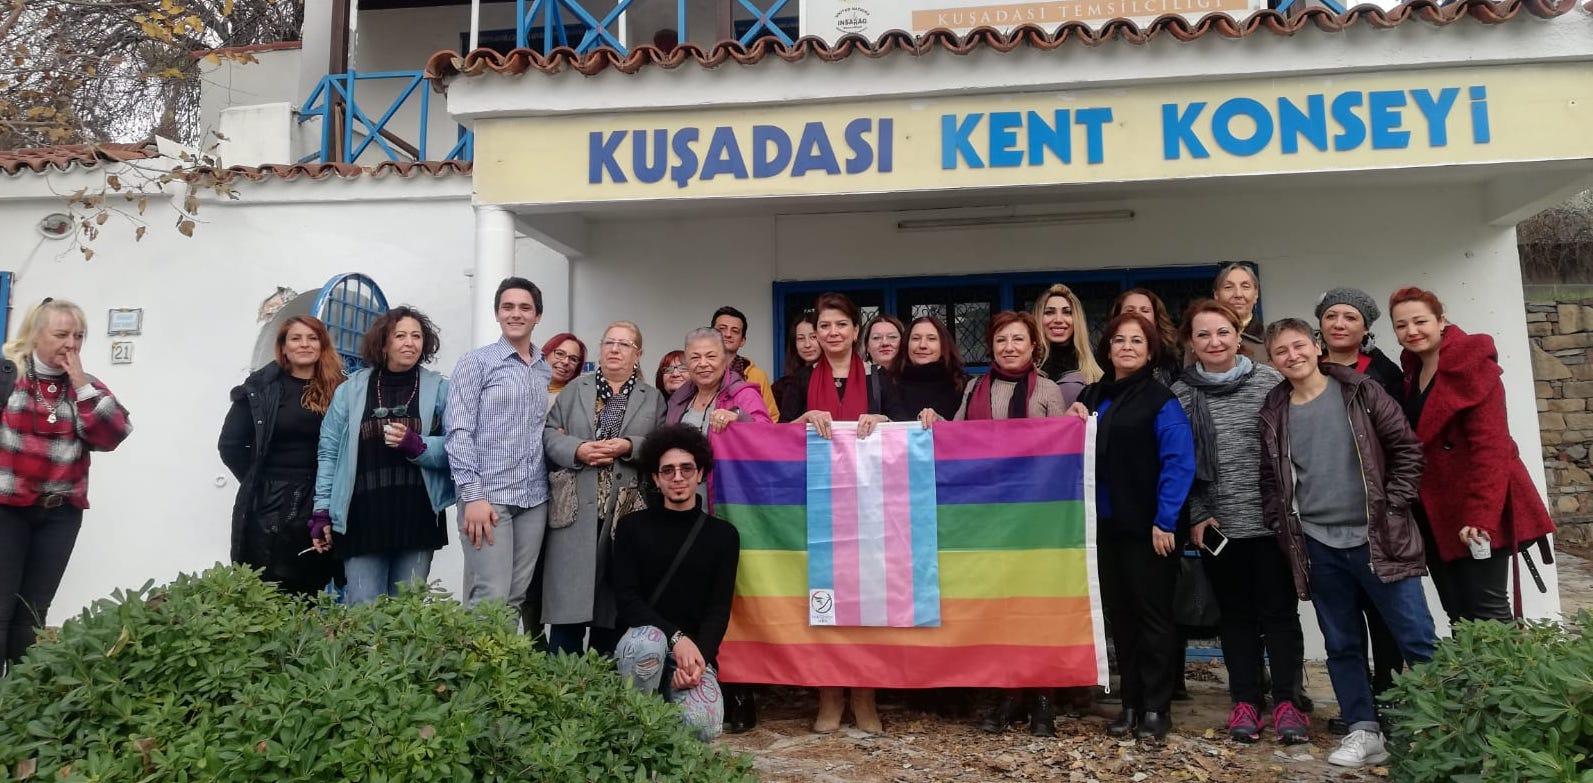 Kuşadası'nda LGBTİ+ hakları konuşuldu, Eylül Cansın anıldı